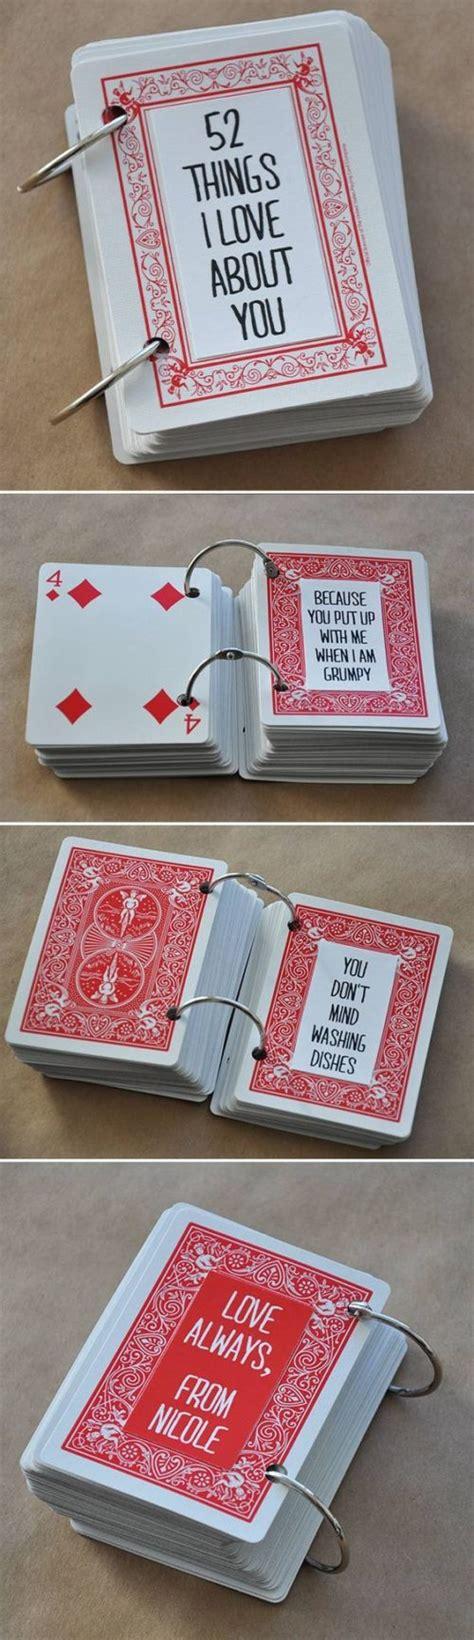 Detalles Para Tu Enamorado | manualidades detalles regalos para hacer a mi novio